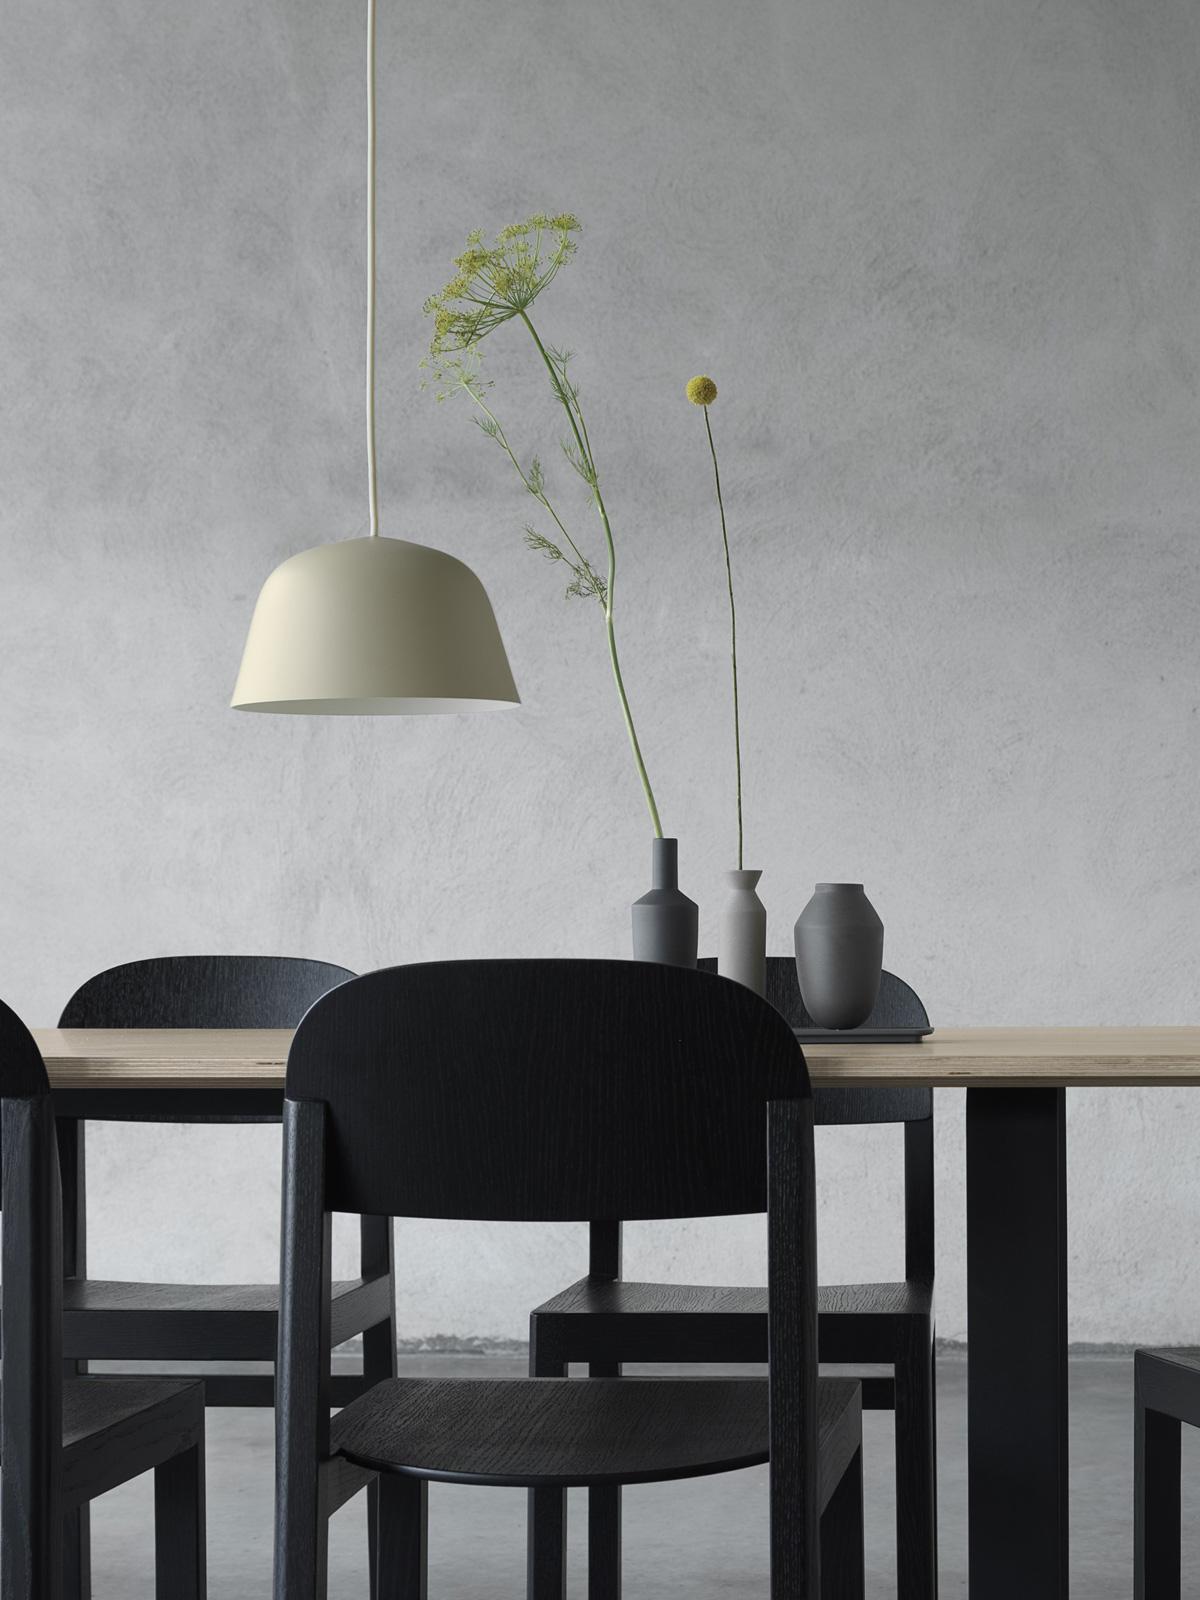 DesignOrt Blog: Die Designwelt von muuto Ambit muuto Pendelleuchte Designort Lampen